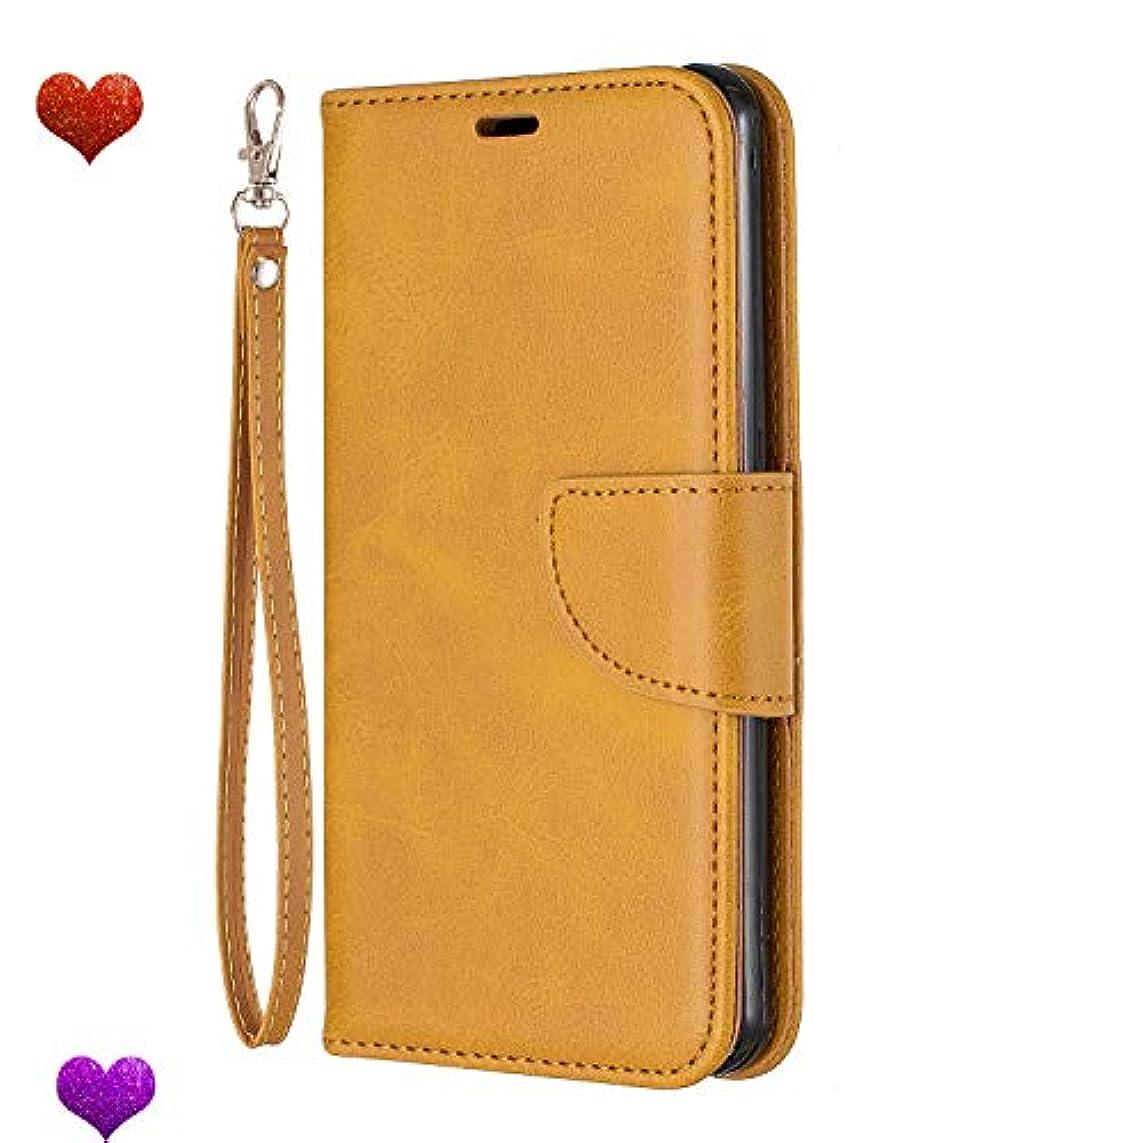 海嶺エキサイティングイチゴSamsung Galaxy A3 2017 ケース 手帳型 本革 レザー カバー 財布型 スタンド機能 カードポケット 耐摩擦 耐汚れ 全面保護 人気 アイフォン